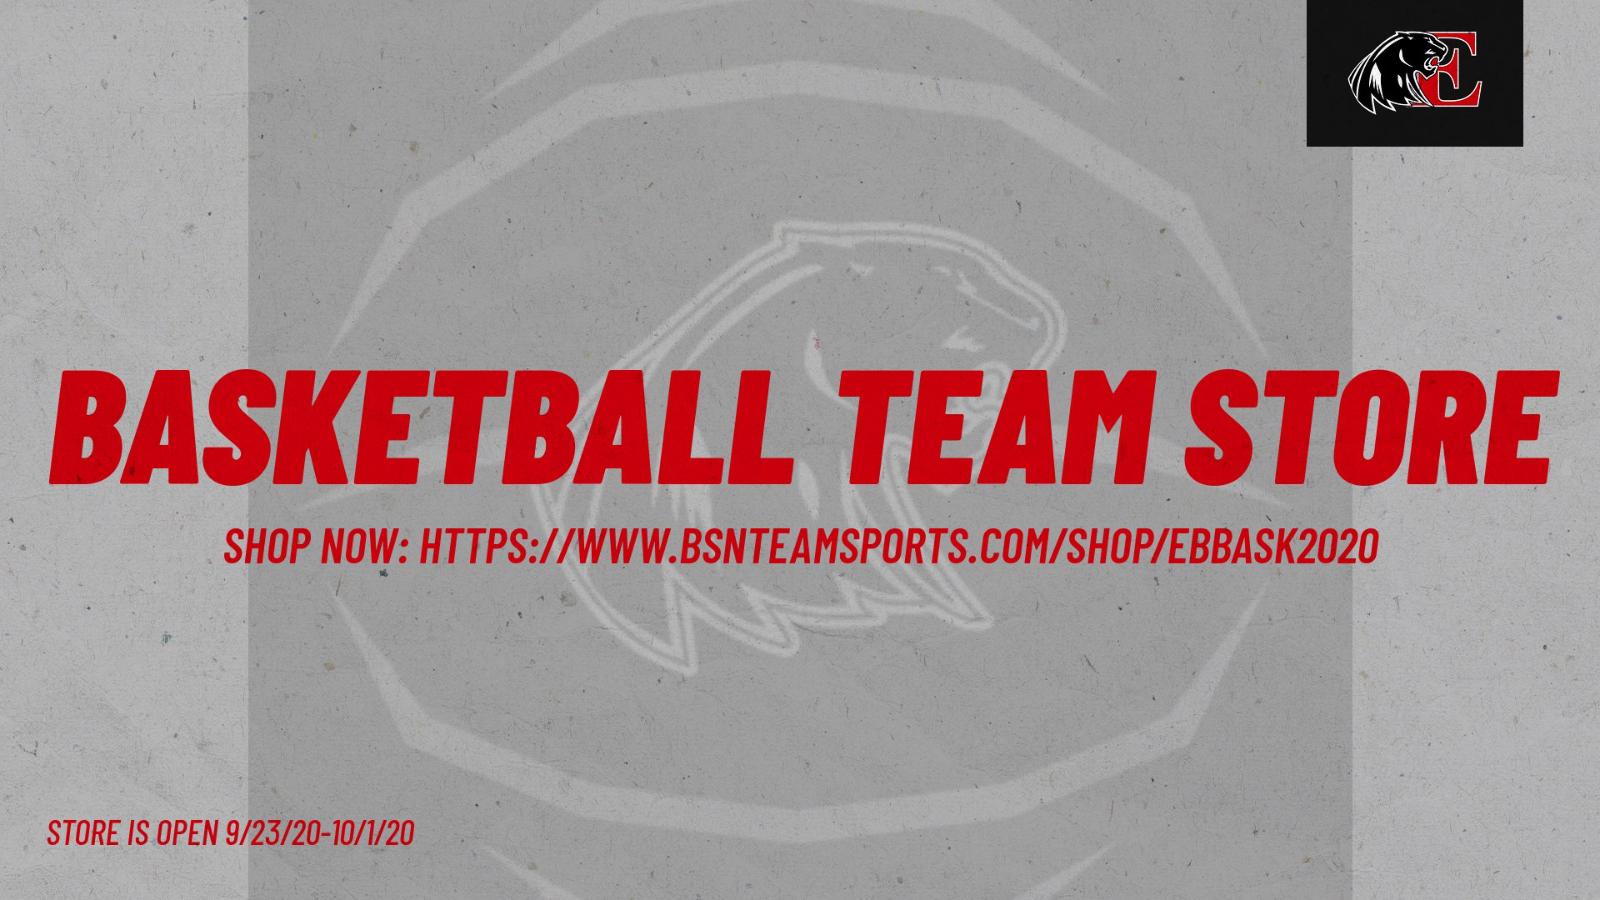 Basketball Team Store Now Open thru 10/1/20